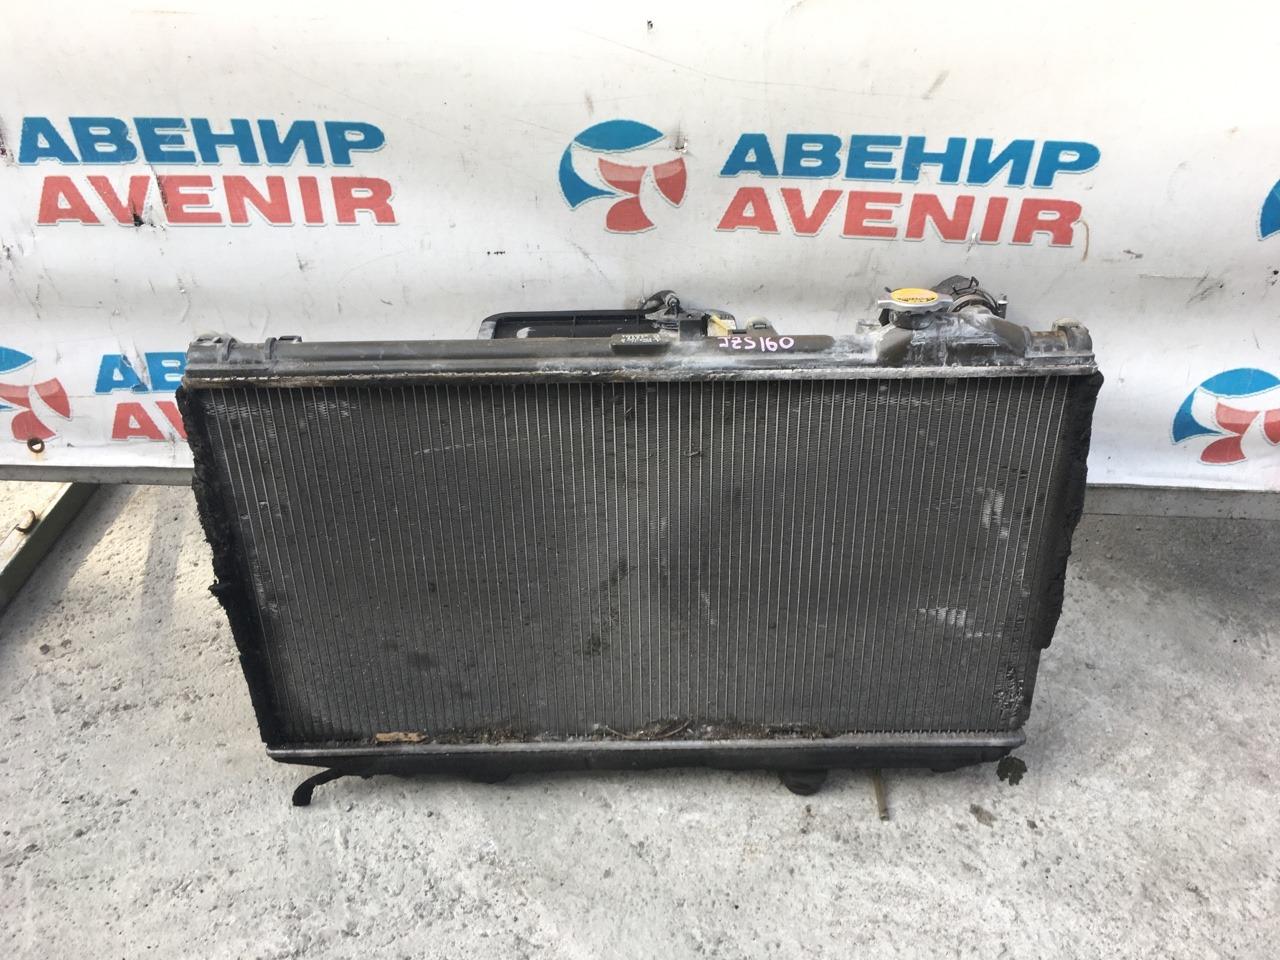 Радиатор Toyota Aristo JZS160 2JZ-GE